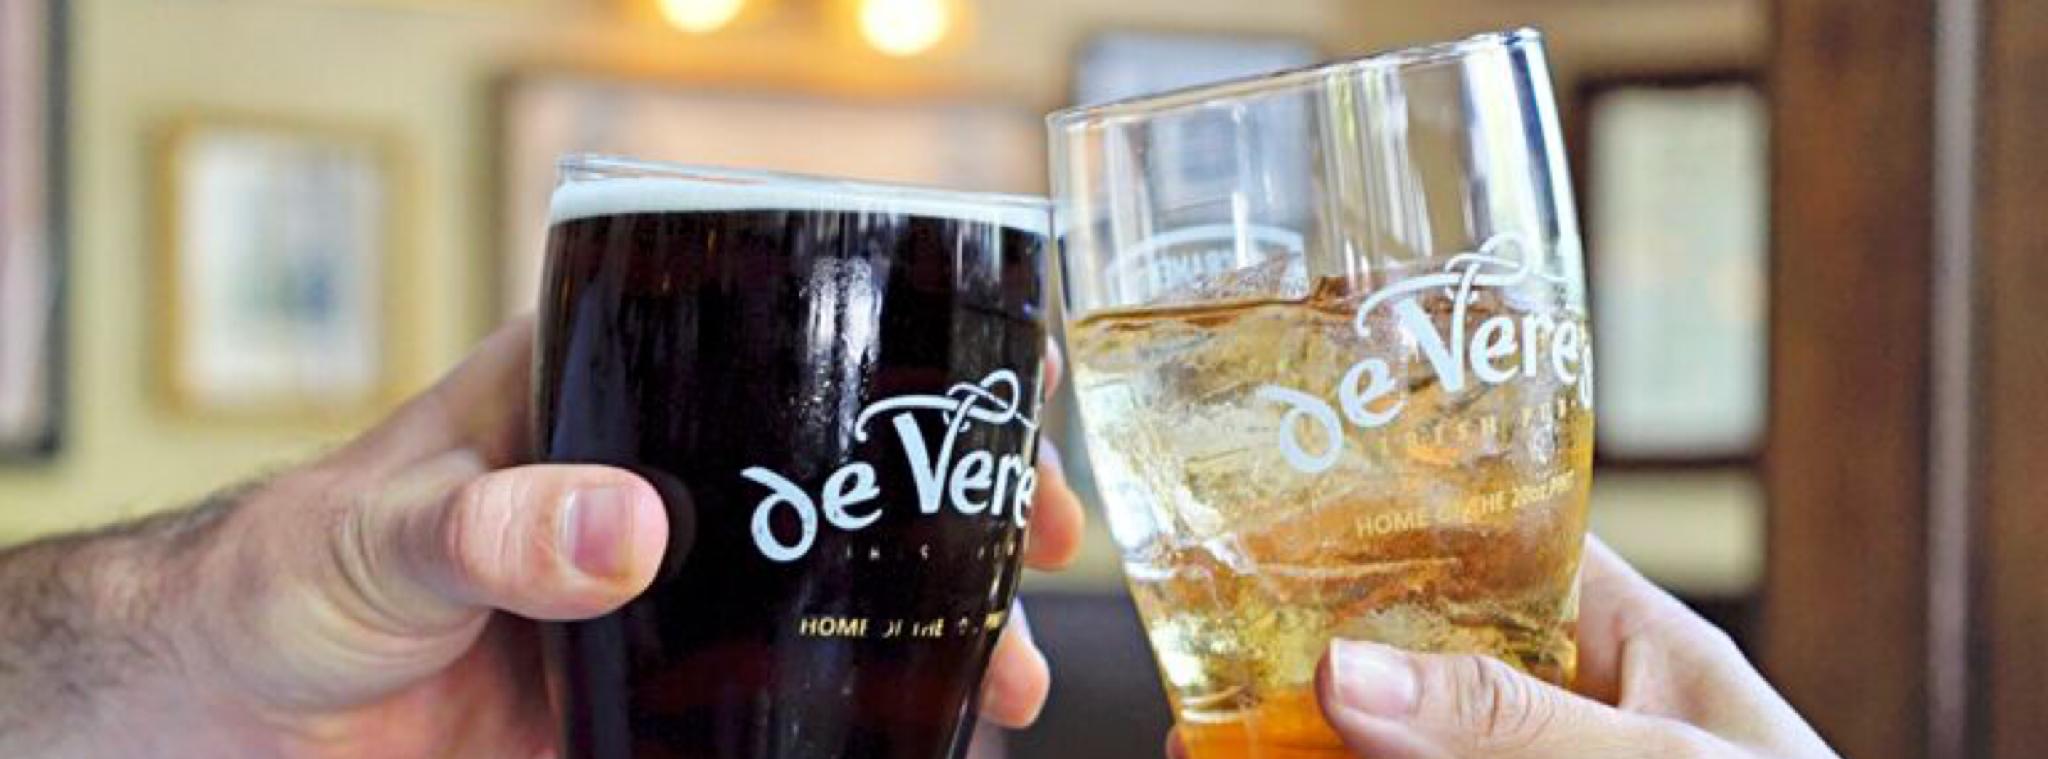 Beer & Wine Menu - Featuring local rotating Craft Beer